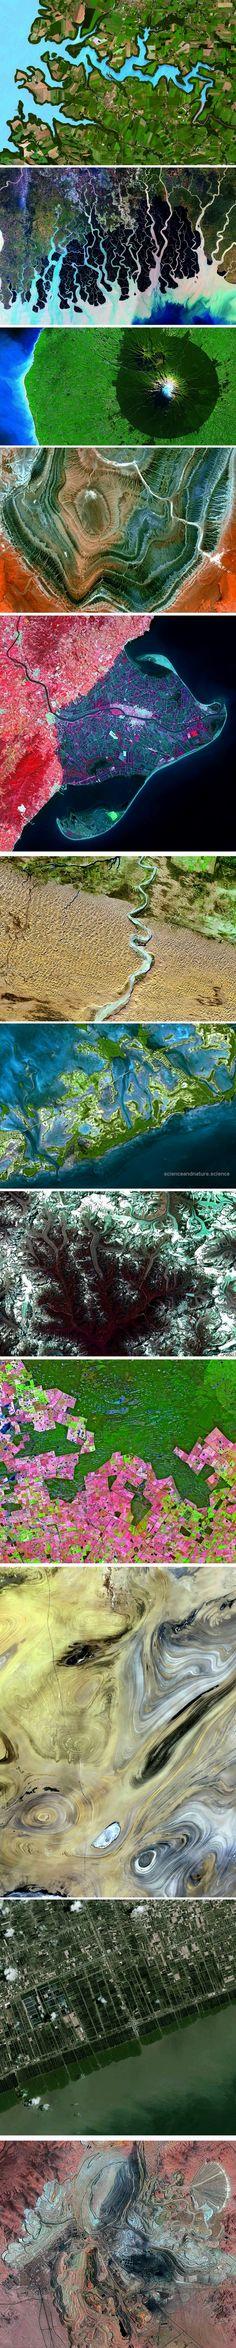 Earth from Space, by Yann Arthus-Bertrand, published by Abrams…. Earth from Space, by Yann Arthus-Bertrand, published by Abrams.  http://www.scienceandnature.science/2017/05/17/earth-from-space-by-yann-arthus-bertrand-published-by-abrams/